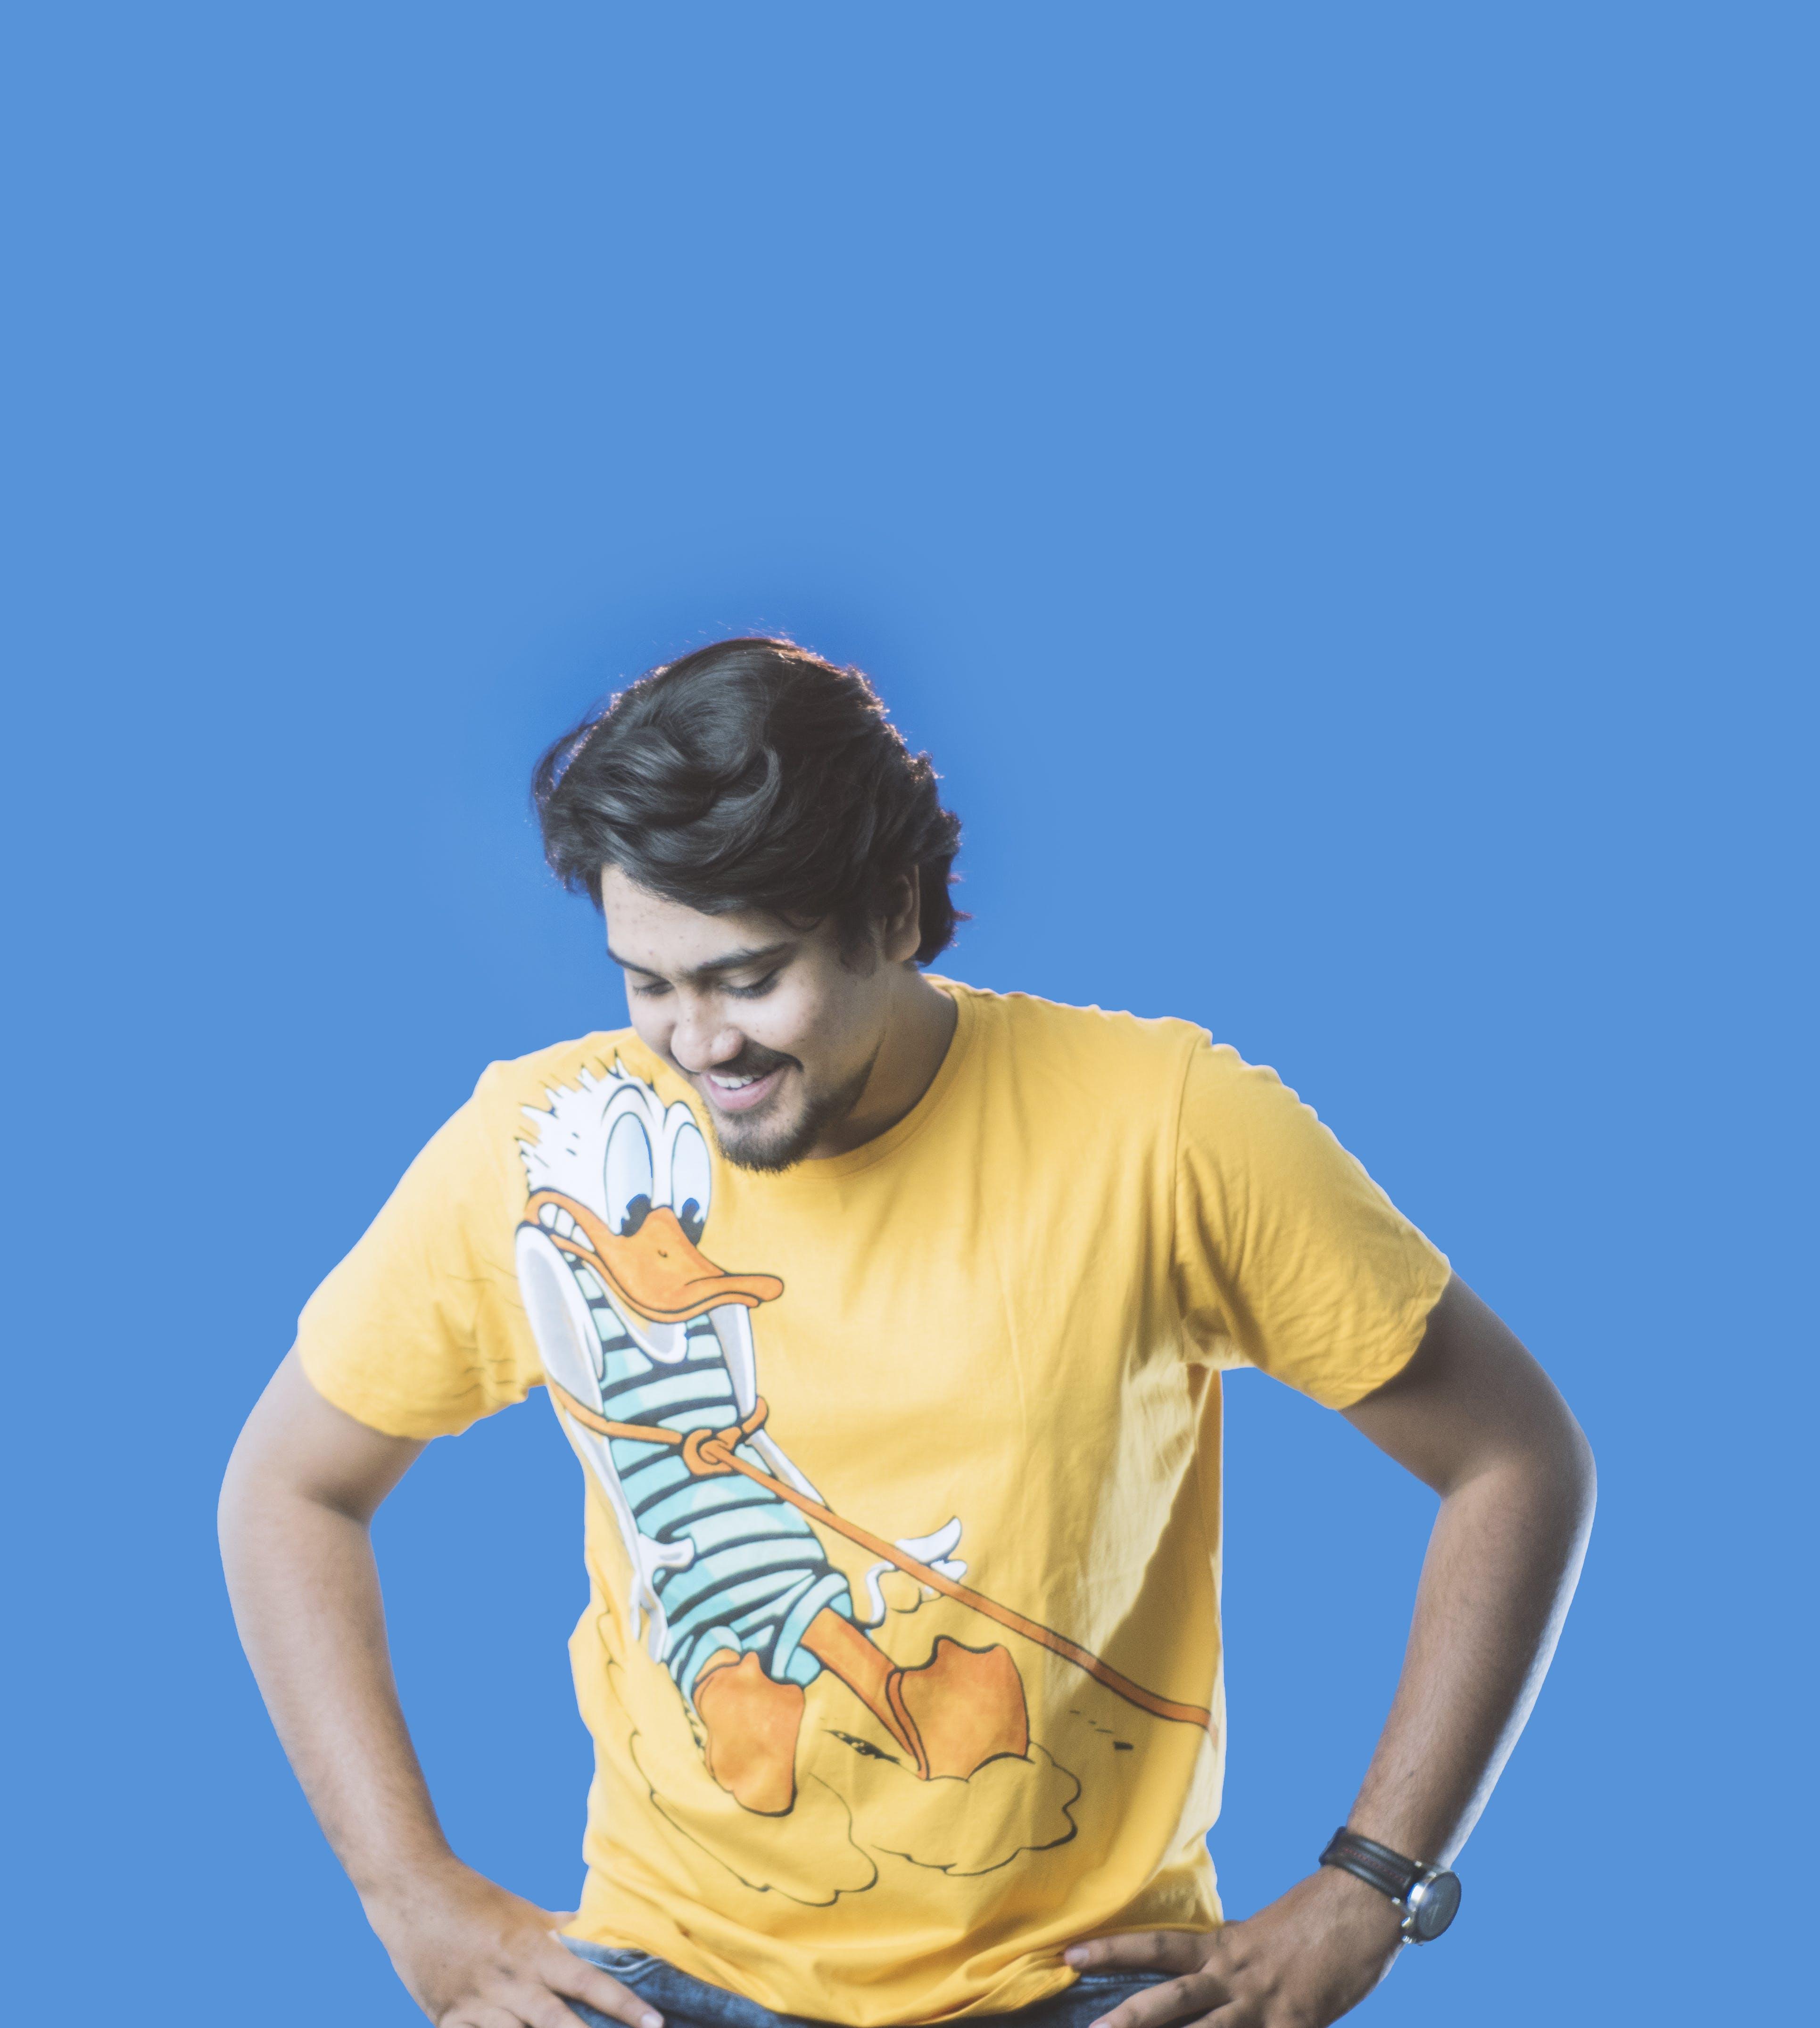 Free stock photo of anush gorak, blue background, boy, colorful